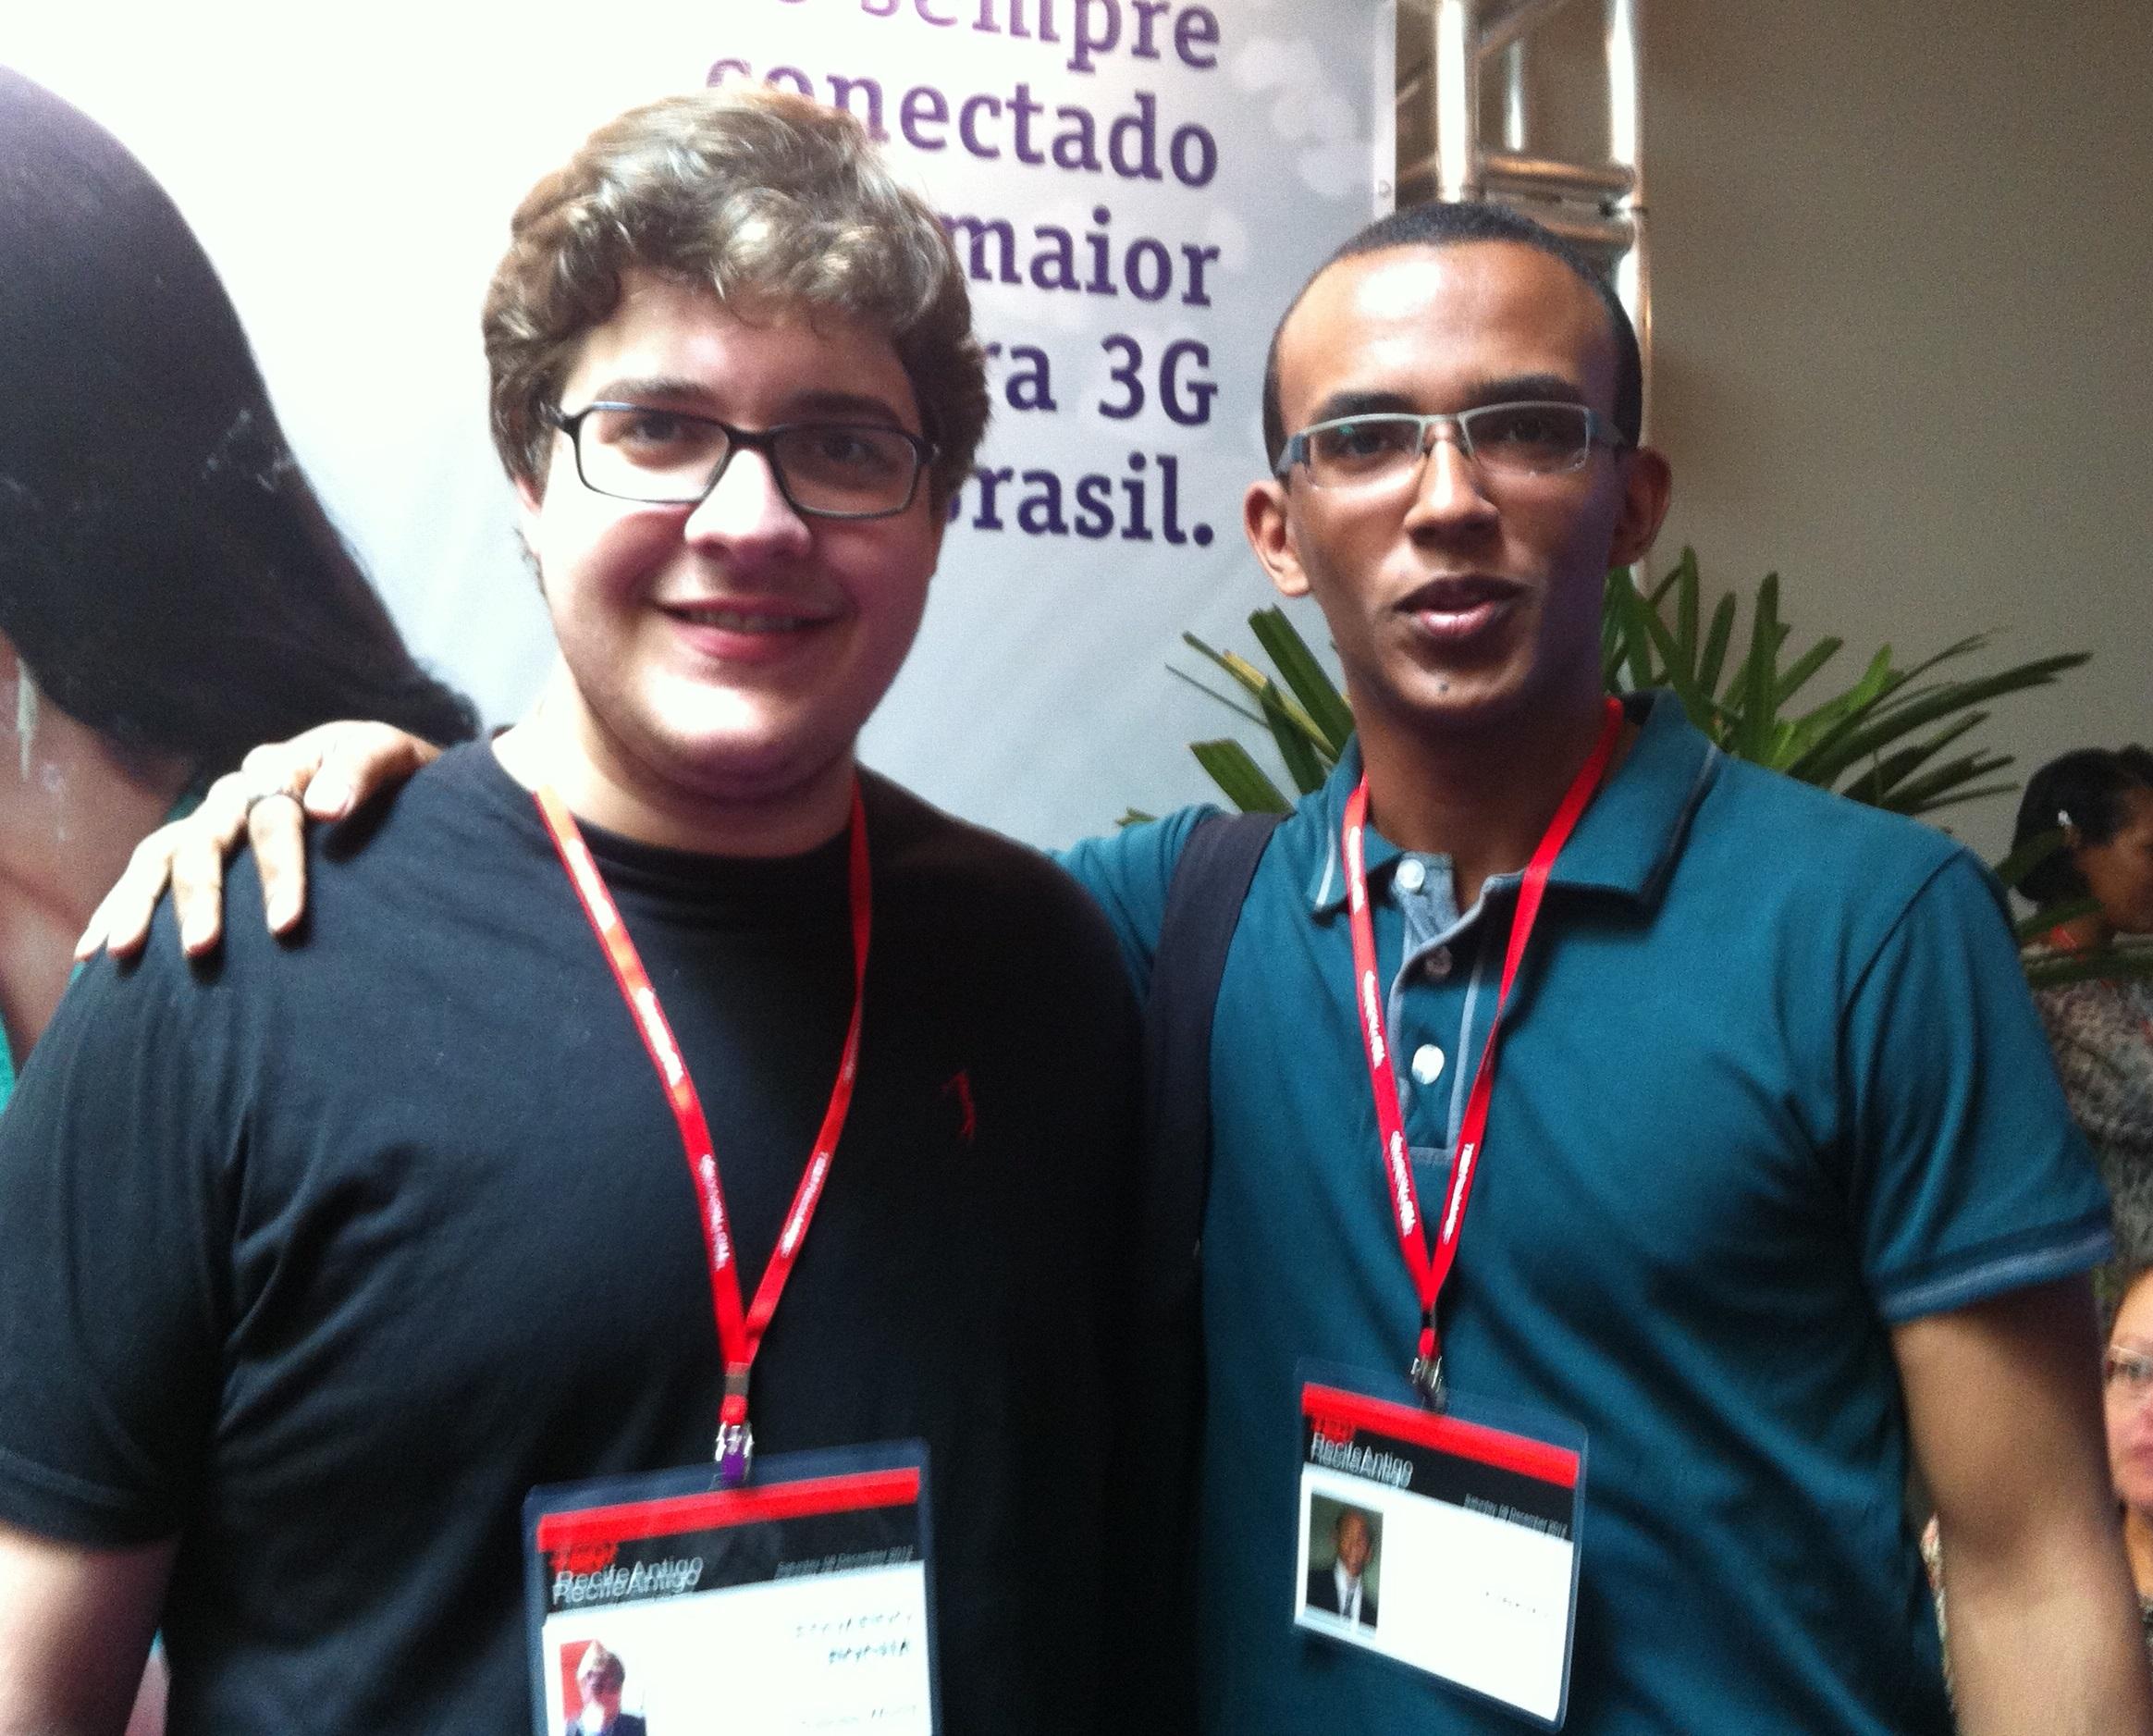 Eduardo e Paulo no evento TEDxRecifeAntigo